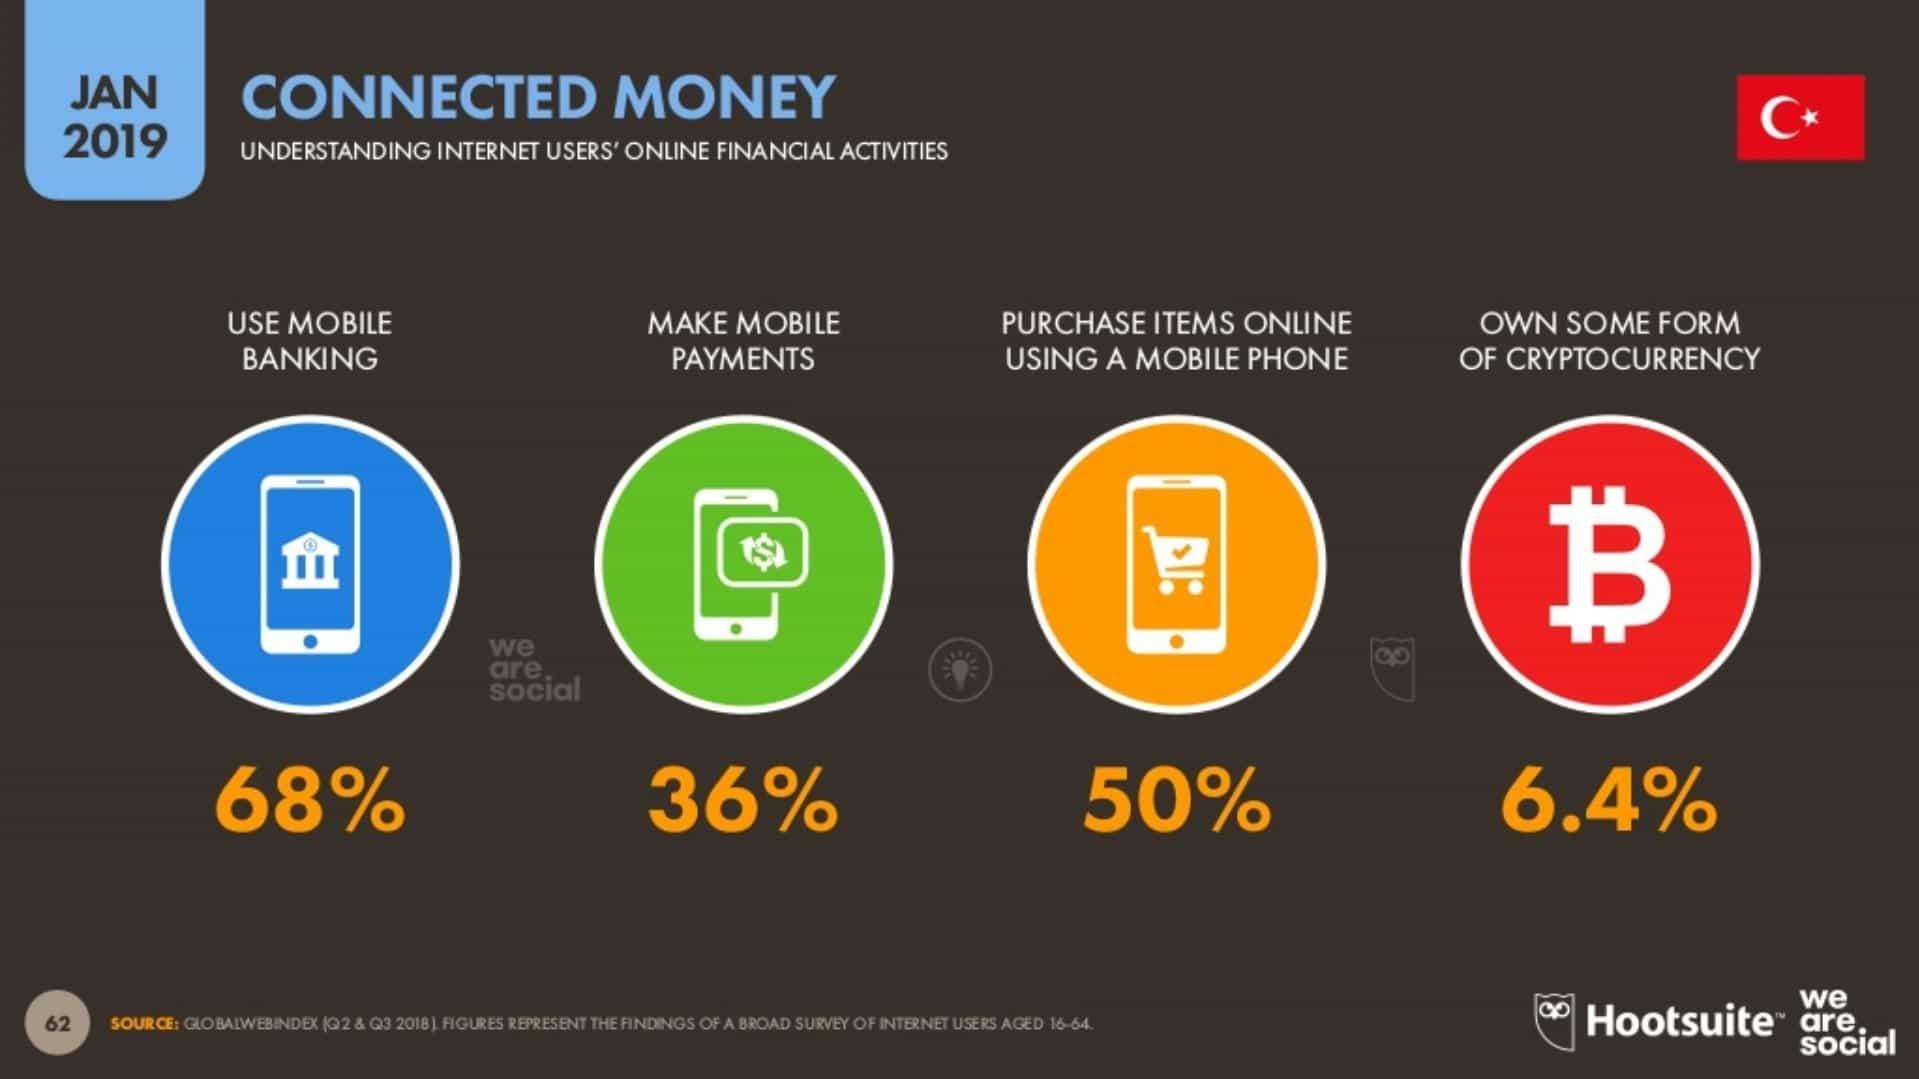 İnternet Kullanıcılarının Çevrimiçi Finansal Faaliyetleri